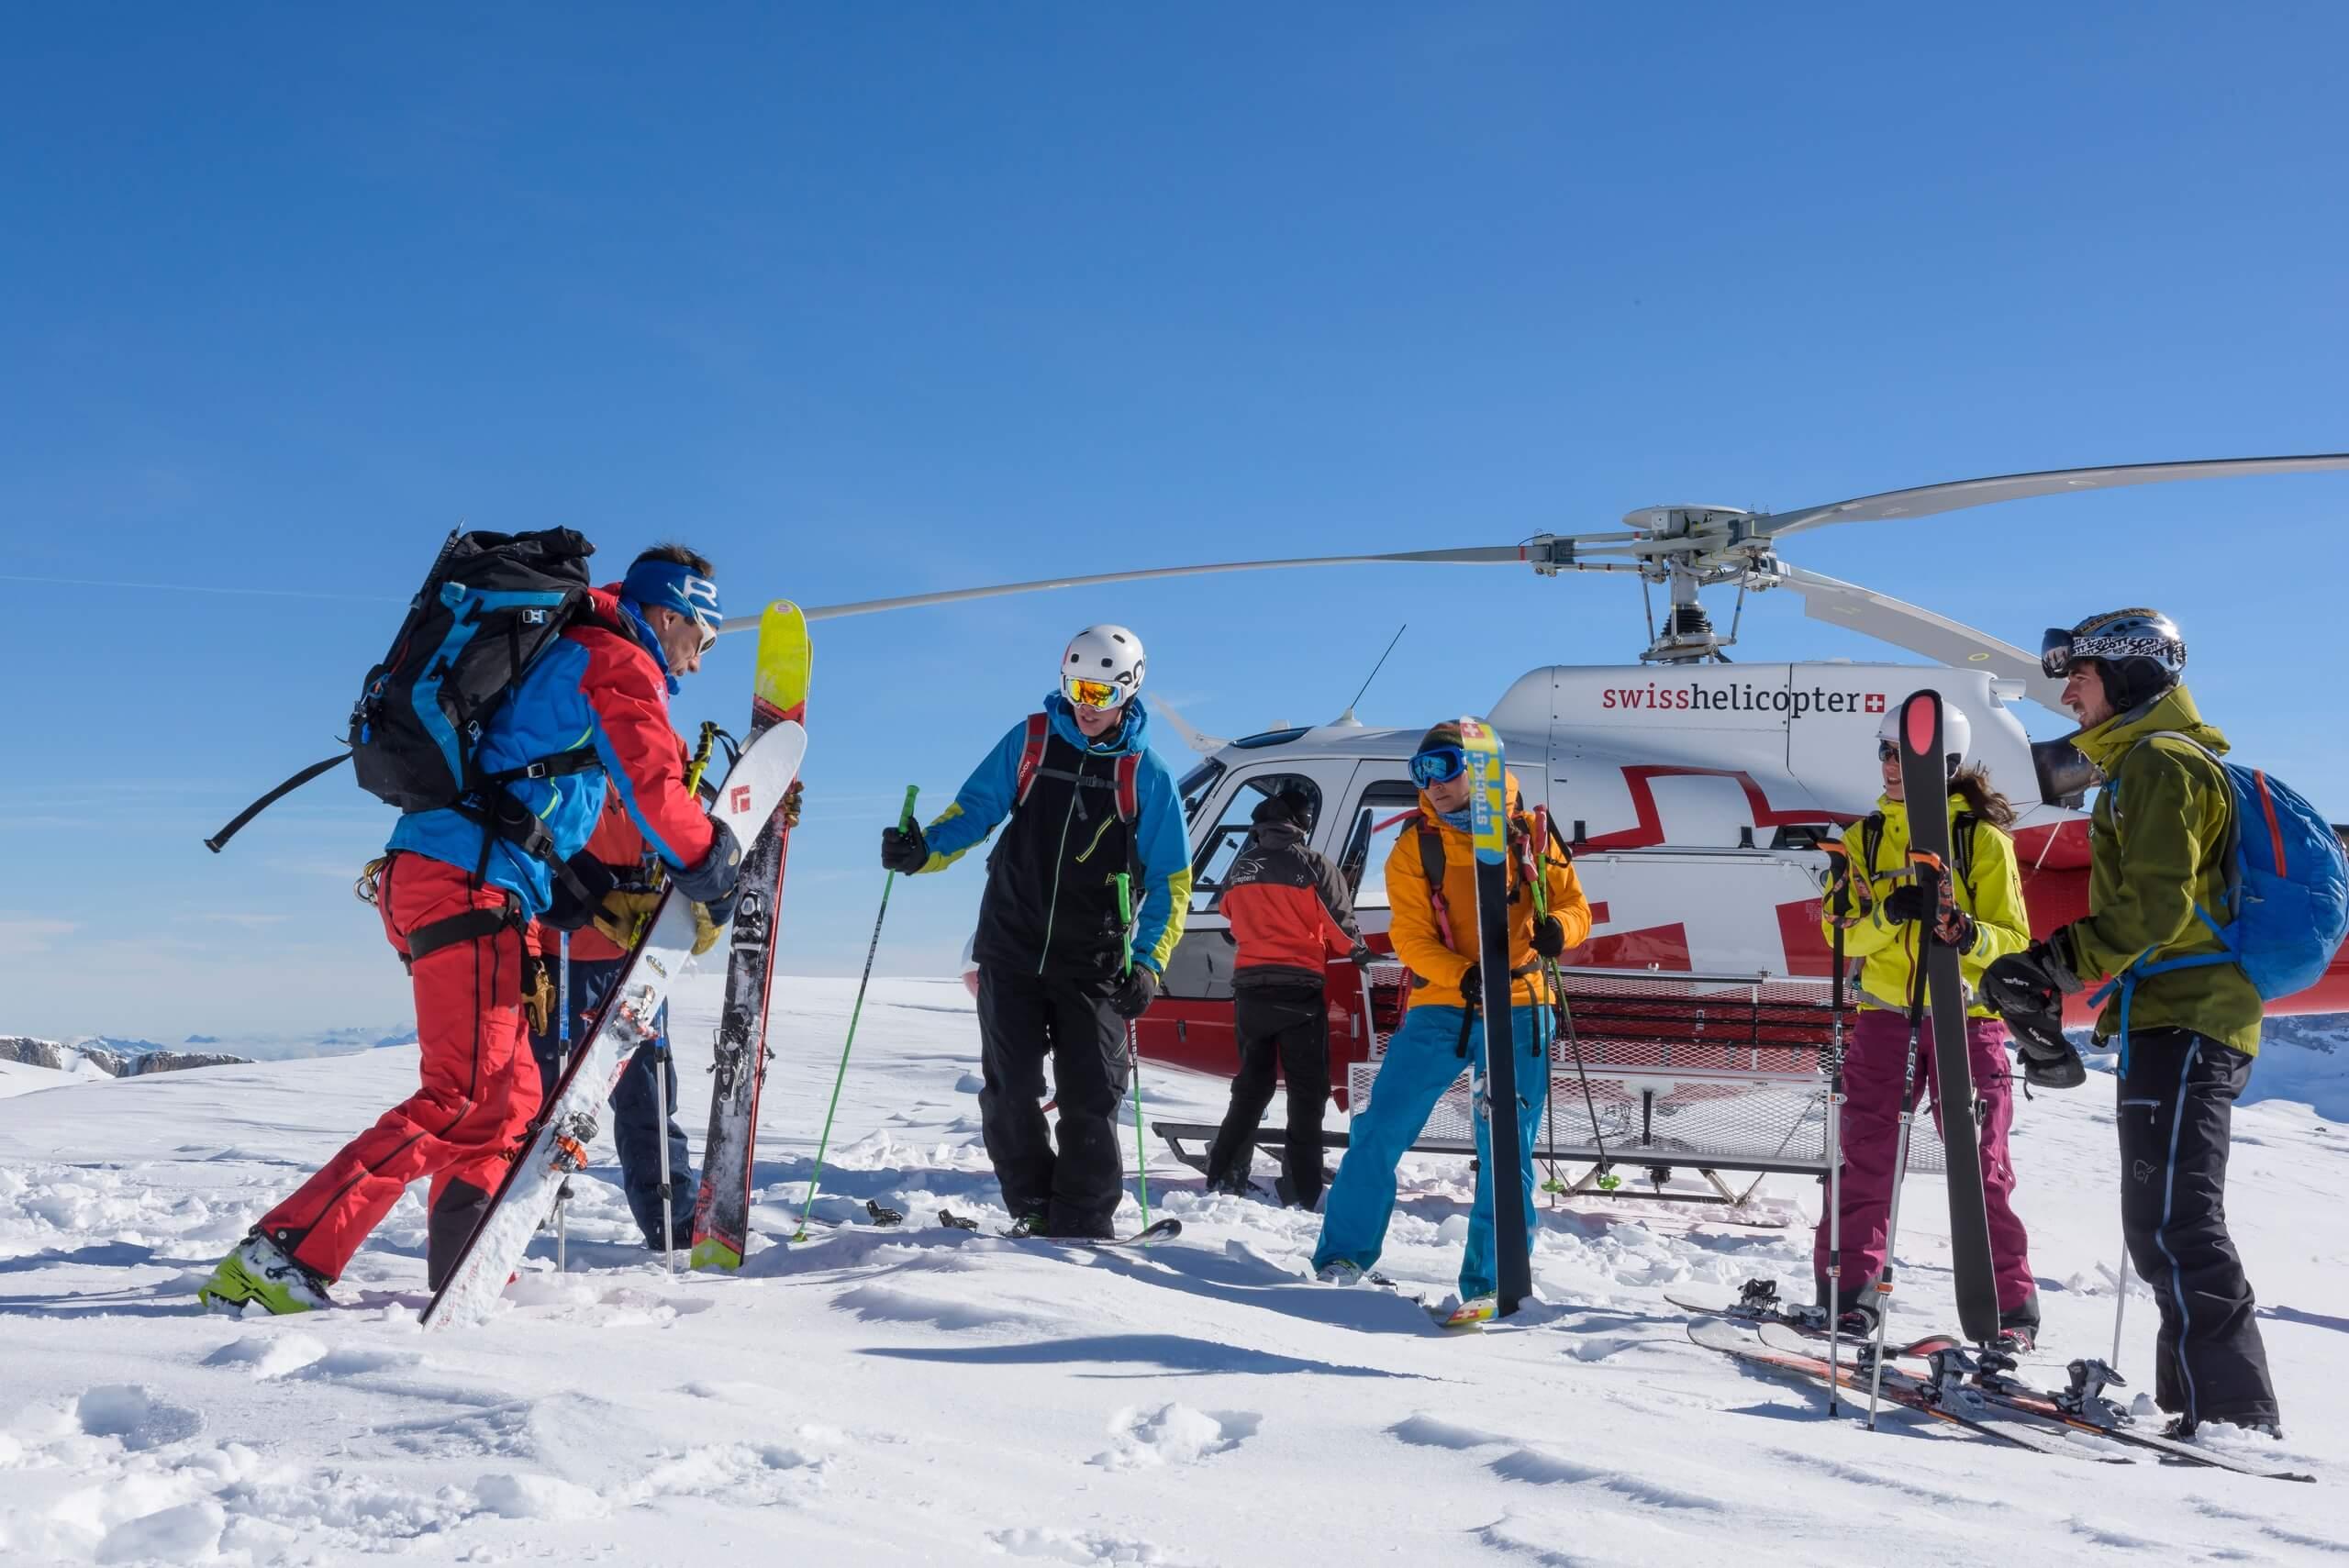 swiss-helicopter-rundflug-ski-tour-winter-schnee